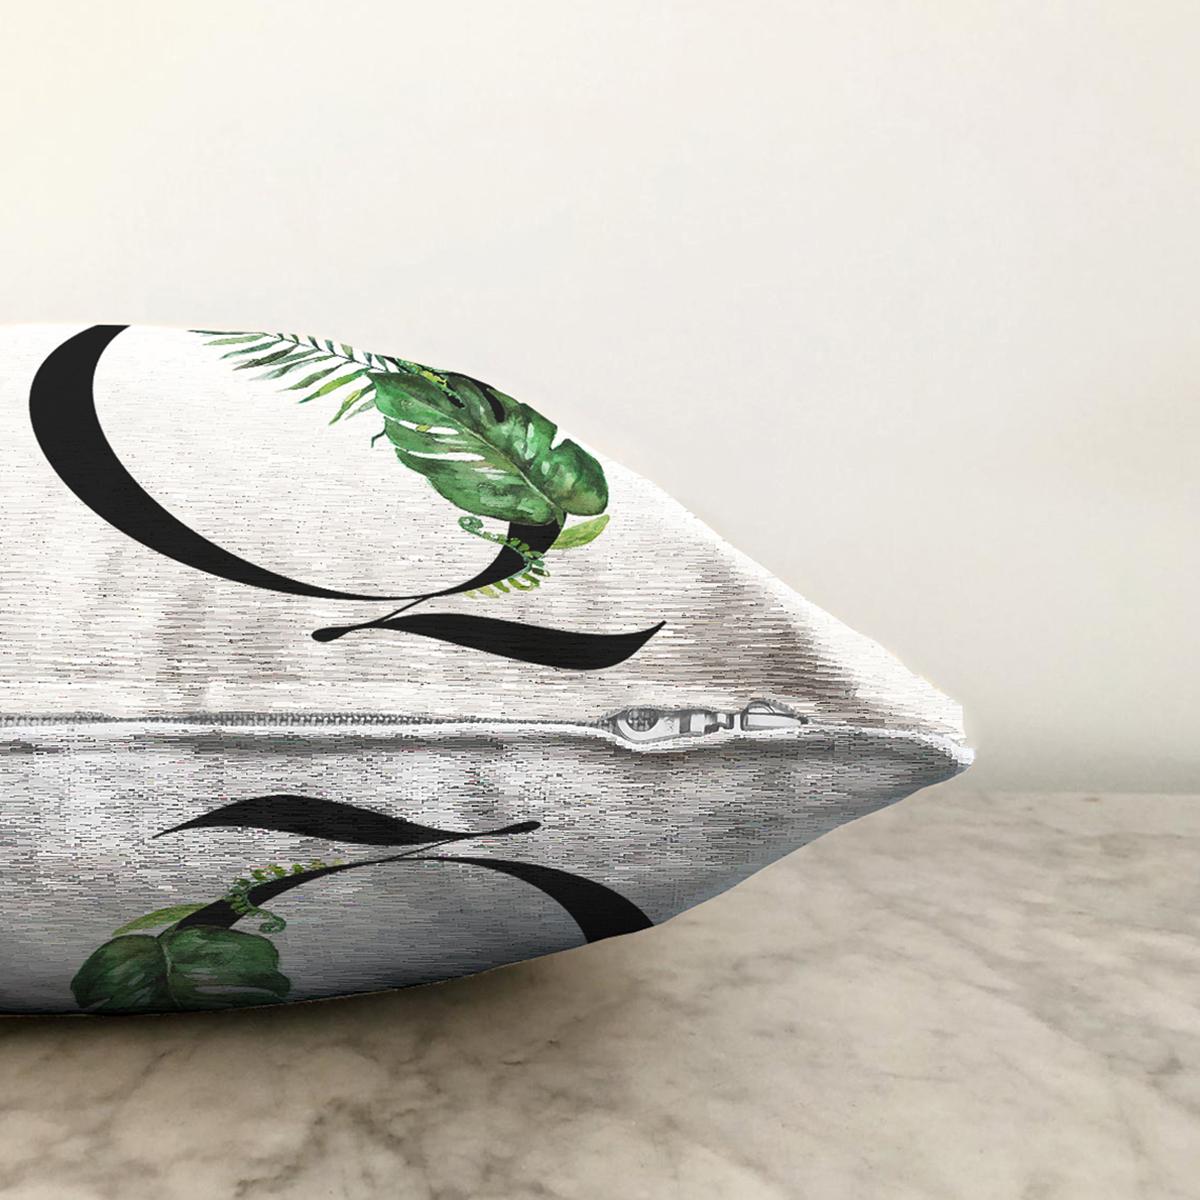 Beyaz Zemin Yaprak Motifli Siyah Q Harfi Özel Tasarım Dijital Baskılı Şönil Yastık Kırlent Kılıfı Realhomes